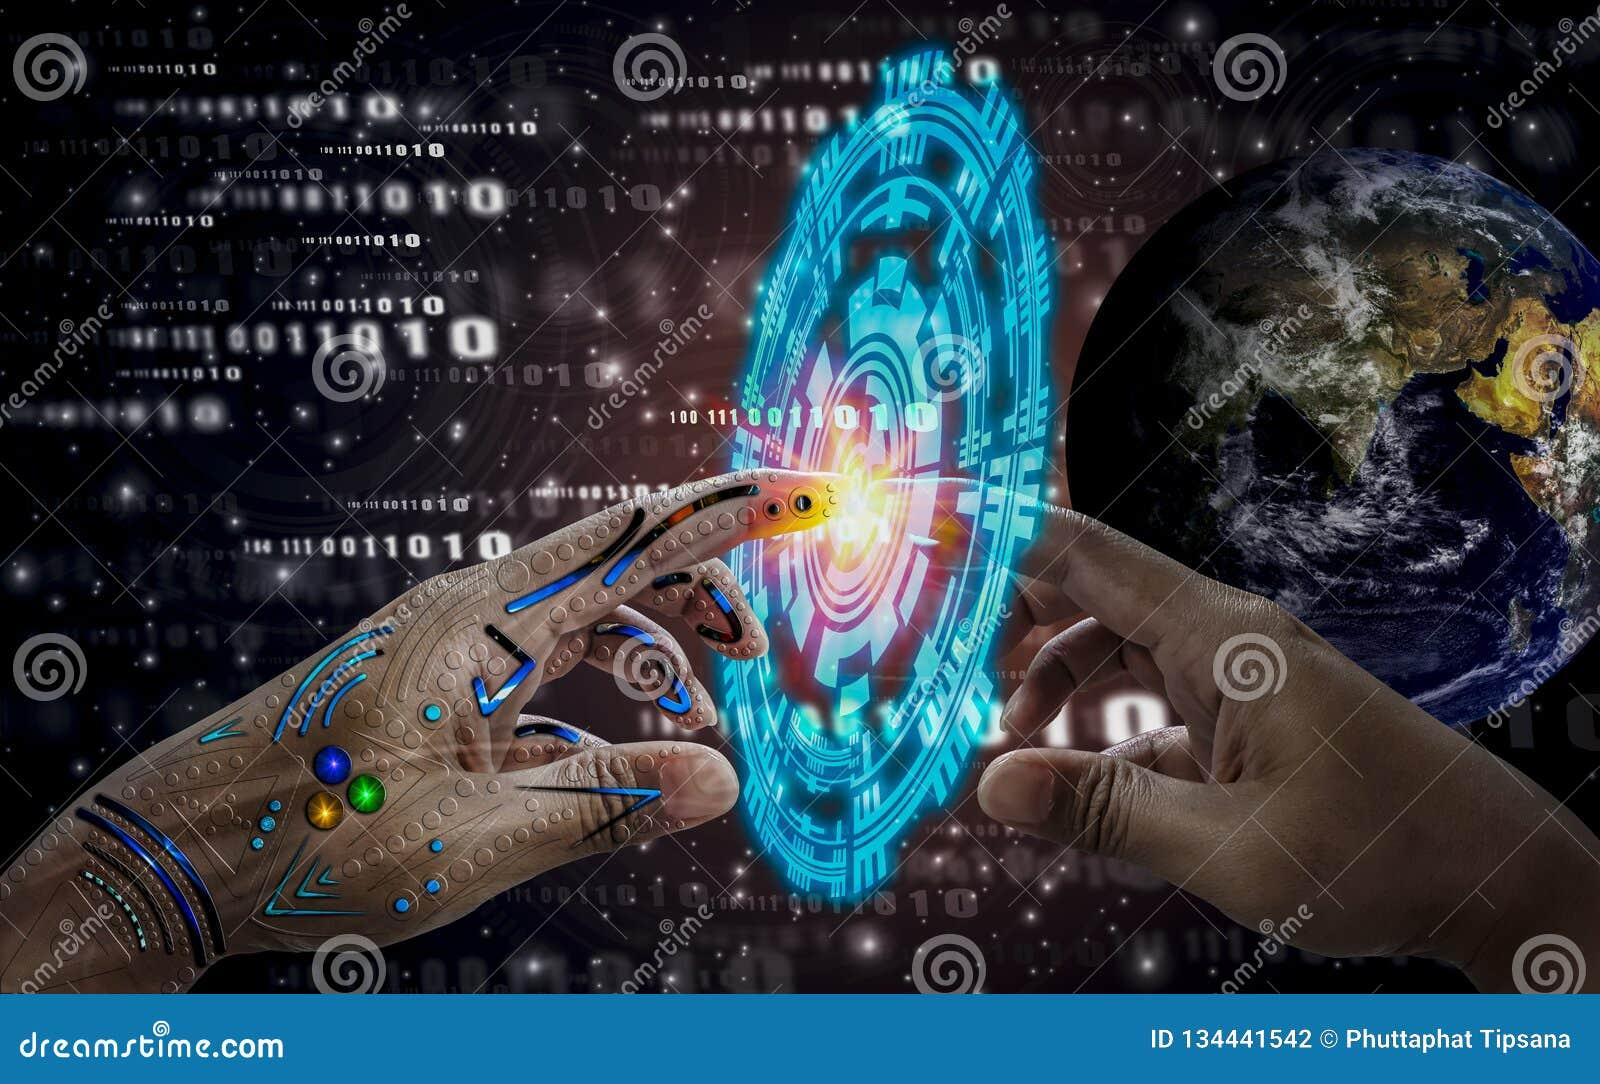 Mano humana del tacto robótico de la mano, iconos del espacio profundo del fondo y de la tecnología, alcohol del mundo, adelanto